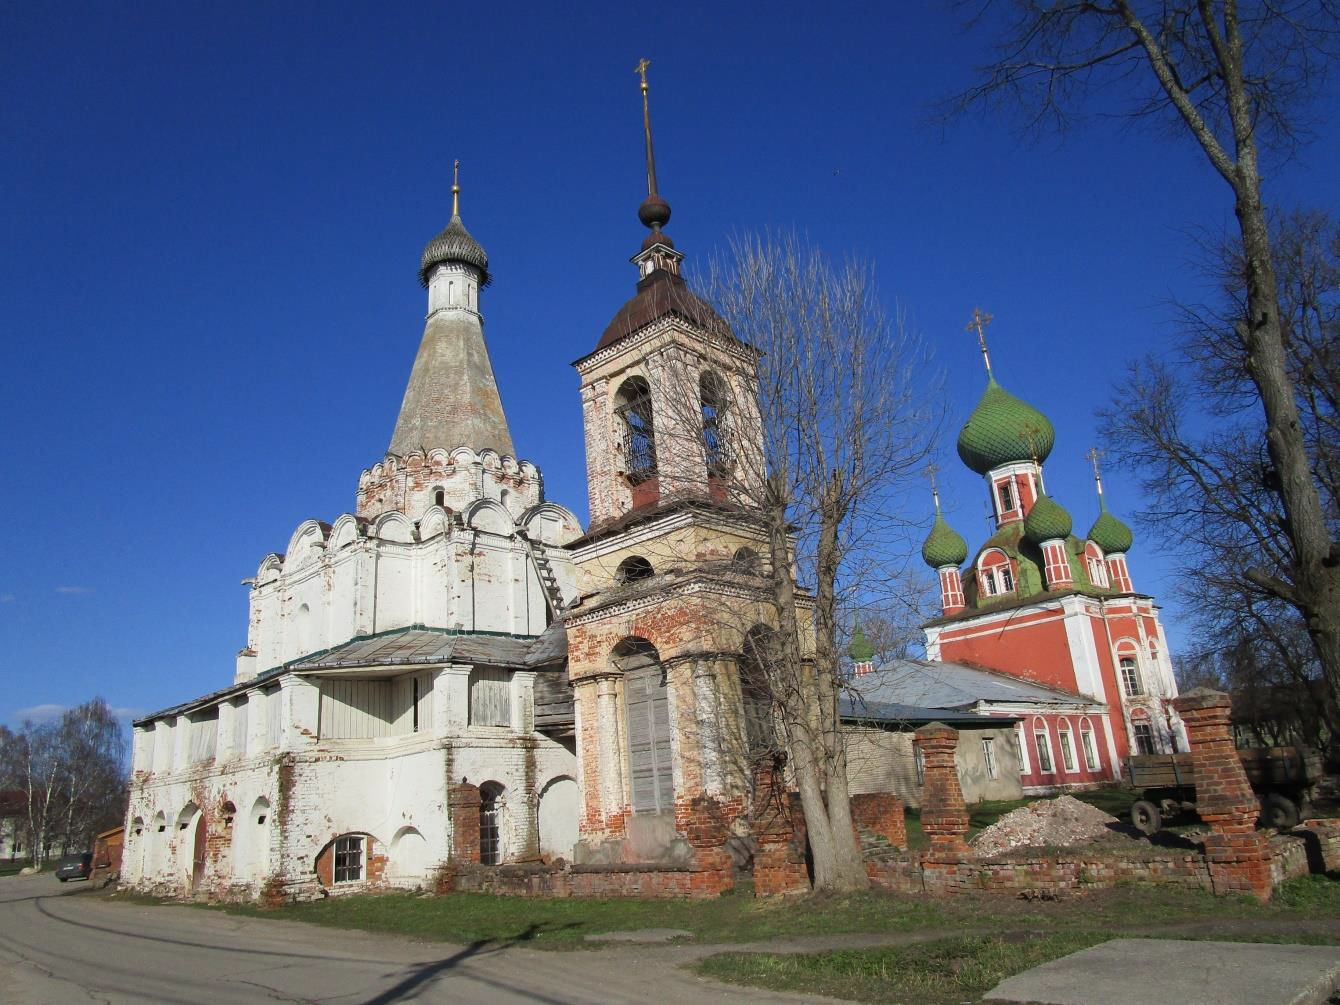 С начала года в Ярославской области утверждены 79 границ территорий и 51 предмет охраны объектов культурного наследия